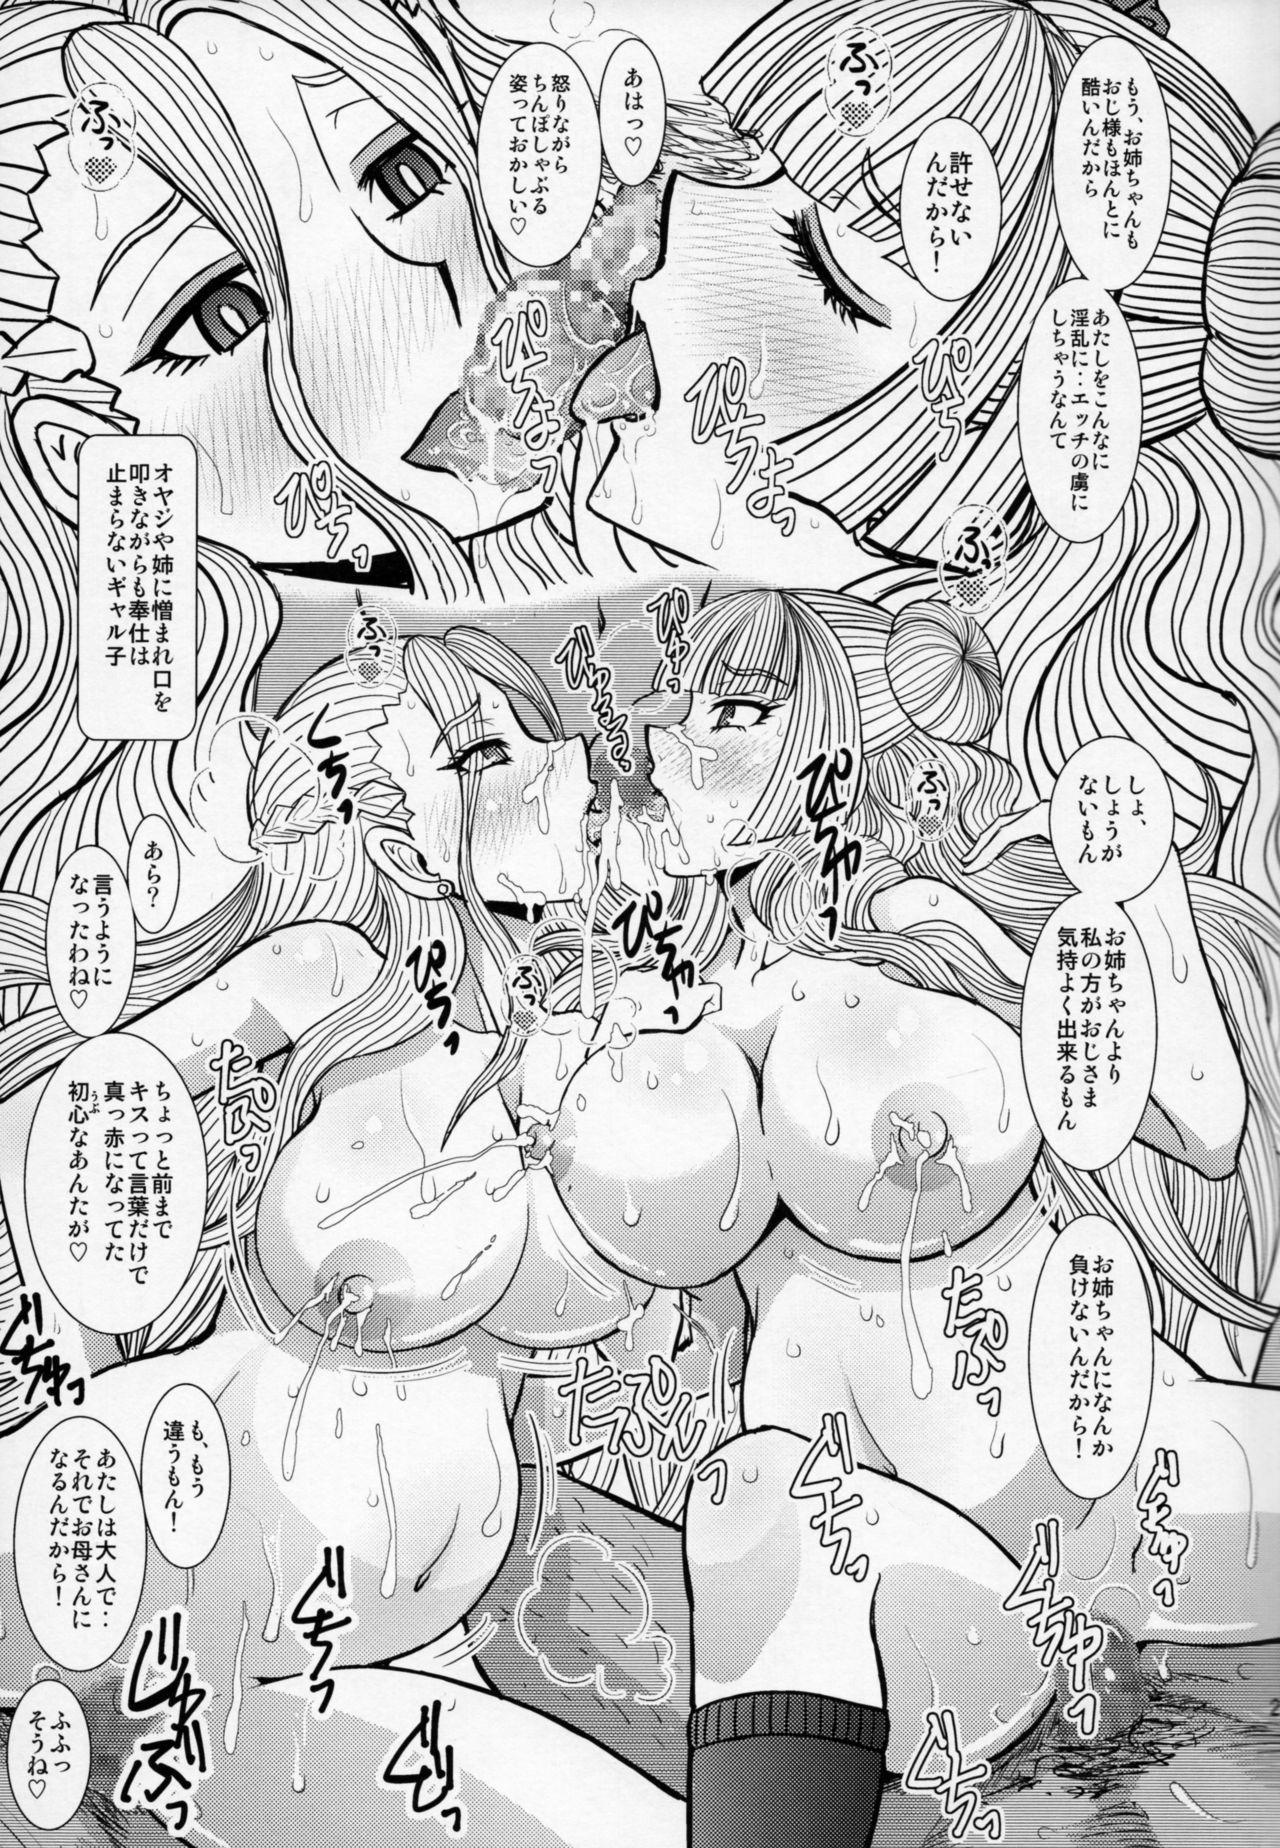 Ikenai! Galko-chan 19